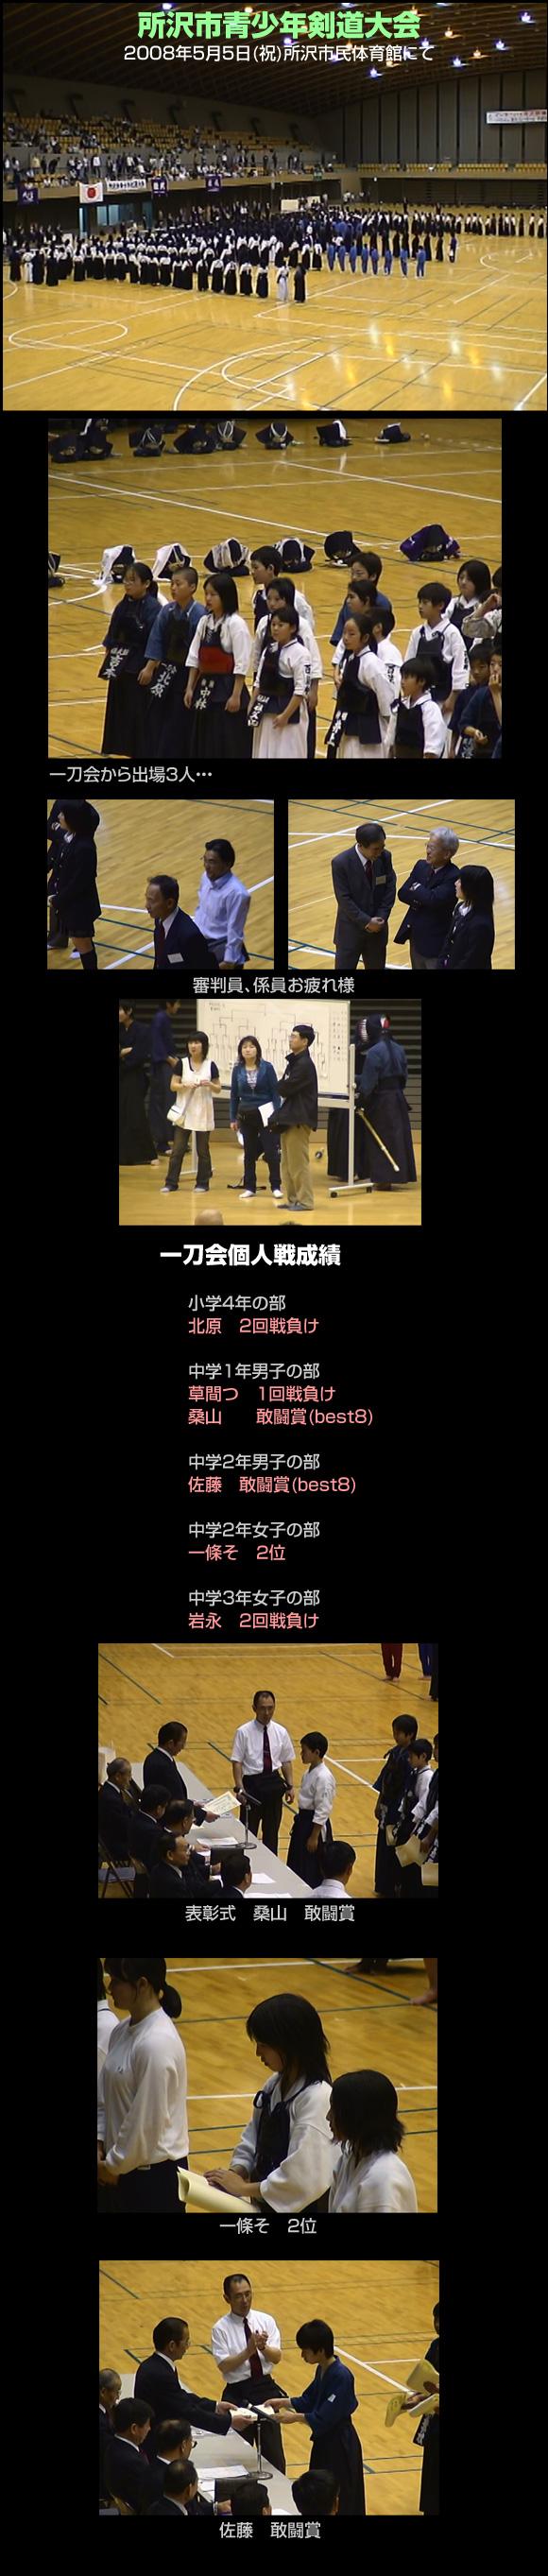 2008_5_5_seisyounen